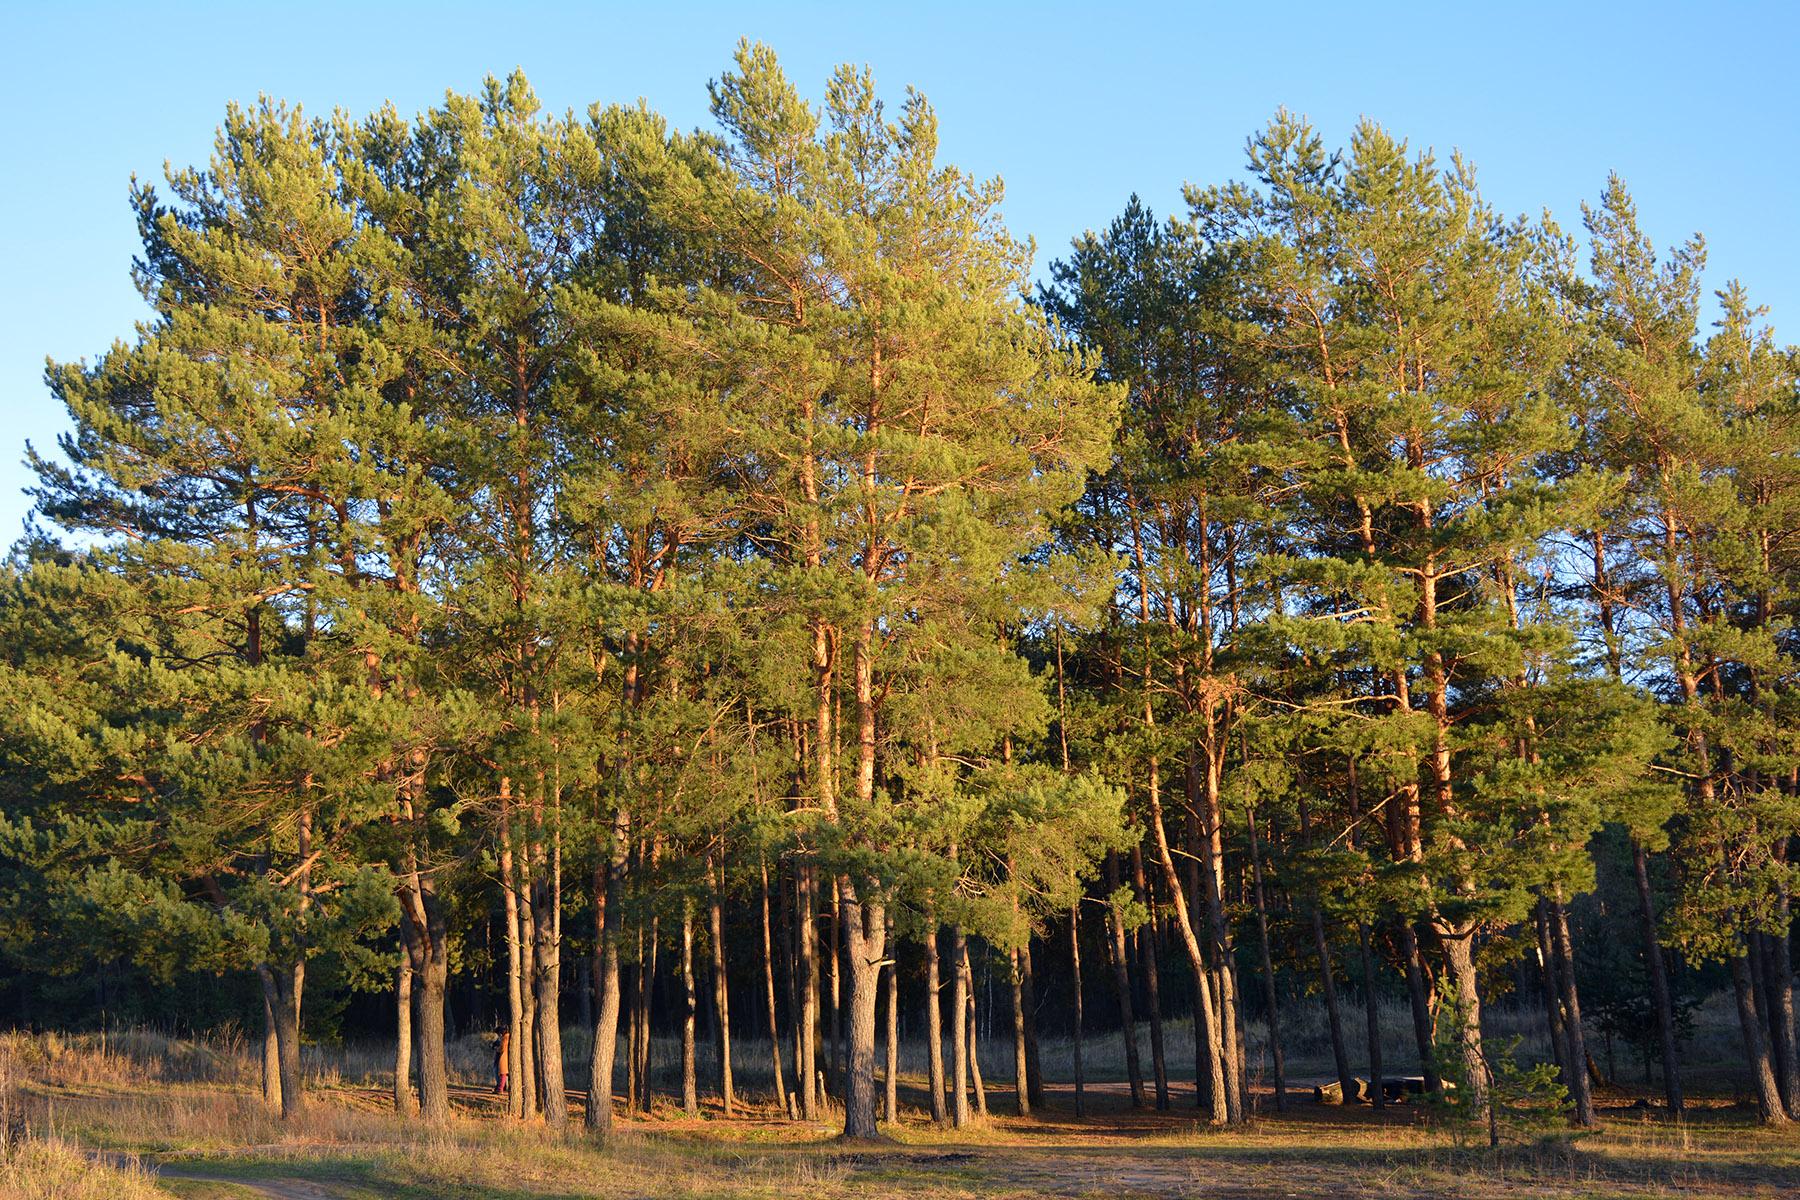 на опушке соснового леса фото видео флешку сможете